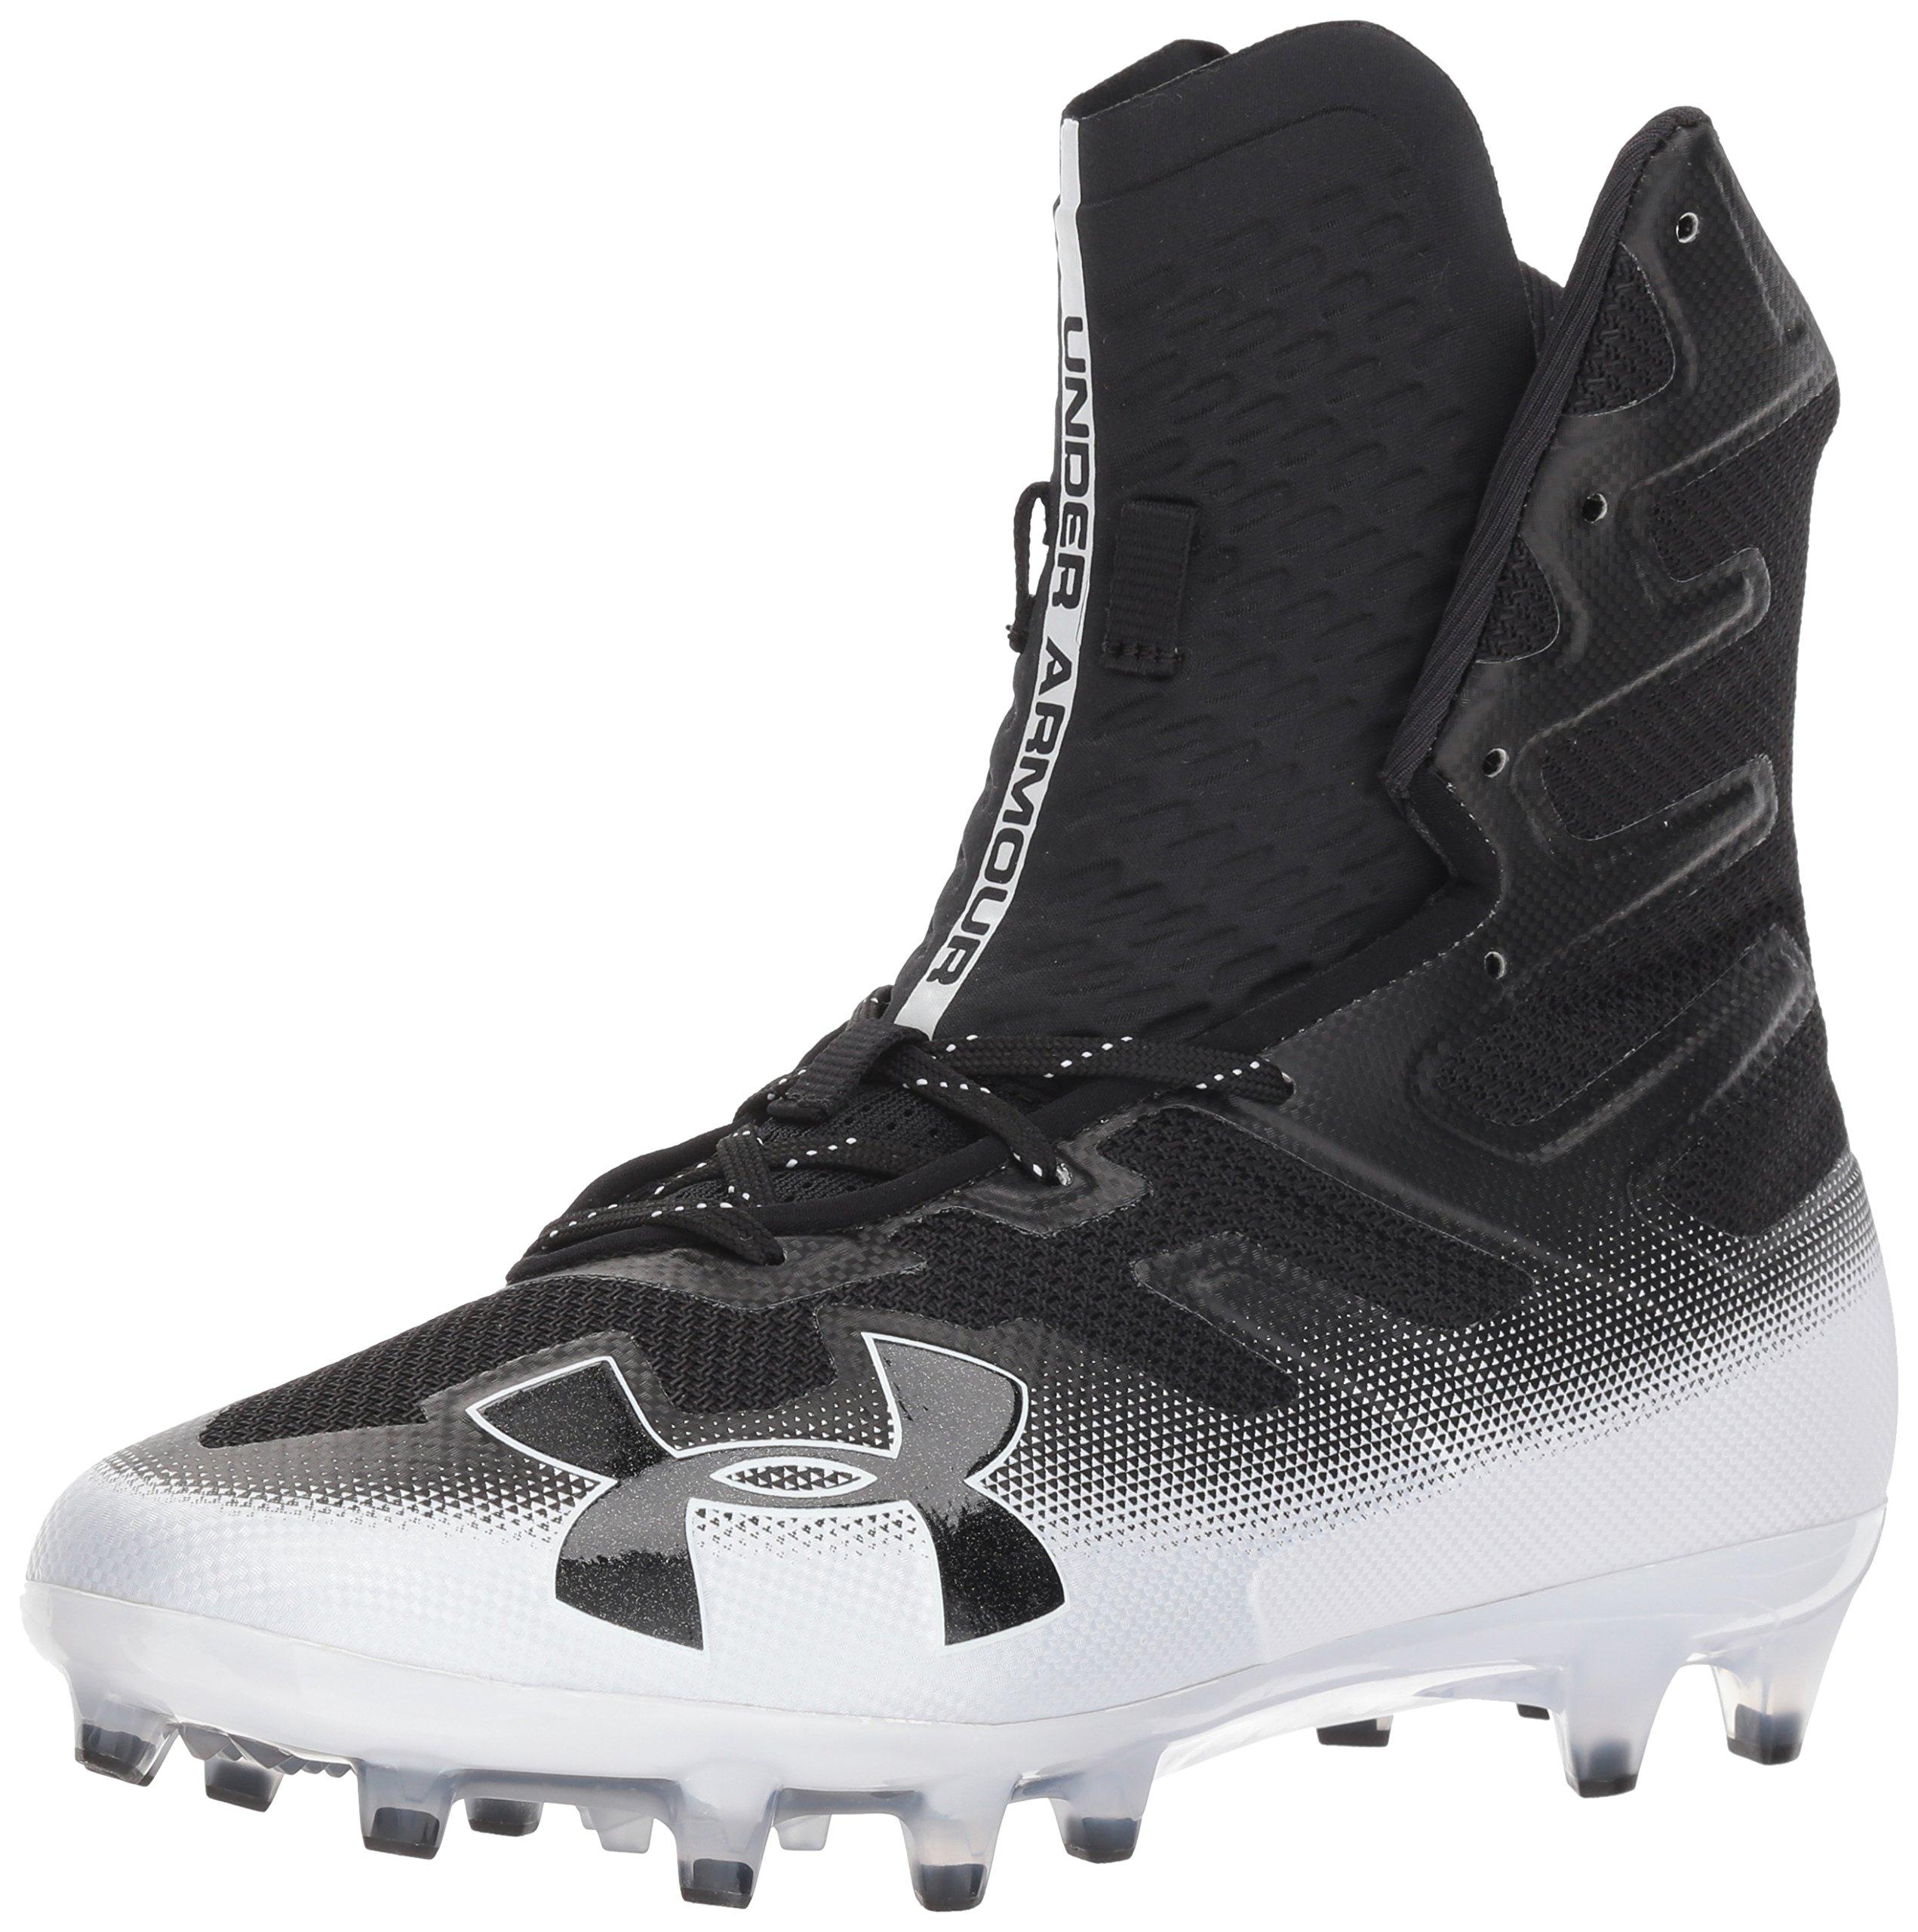 daa2b272ffda7 Best Rated in Lacrosse Footwear & Helpful Customer Reviews - Amazon.com